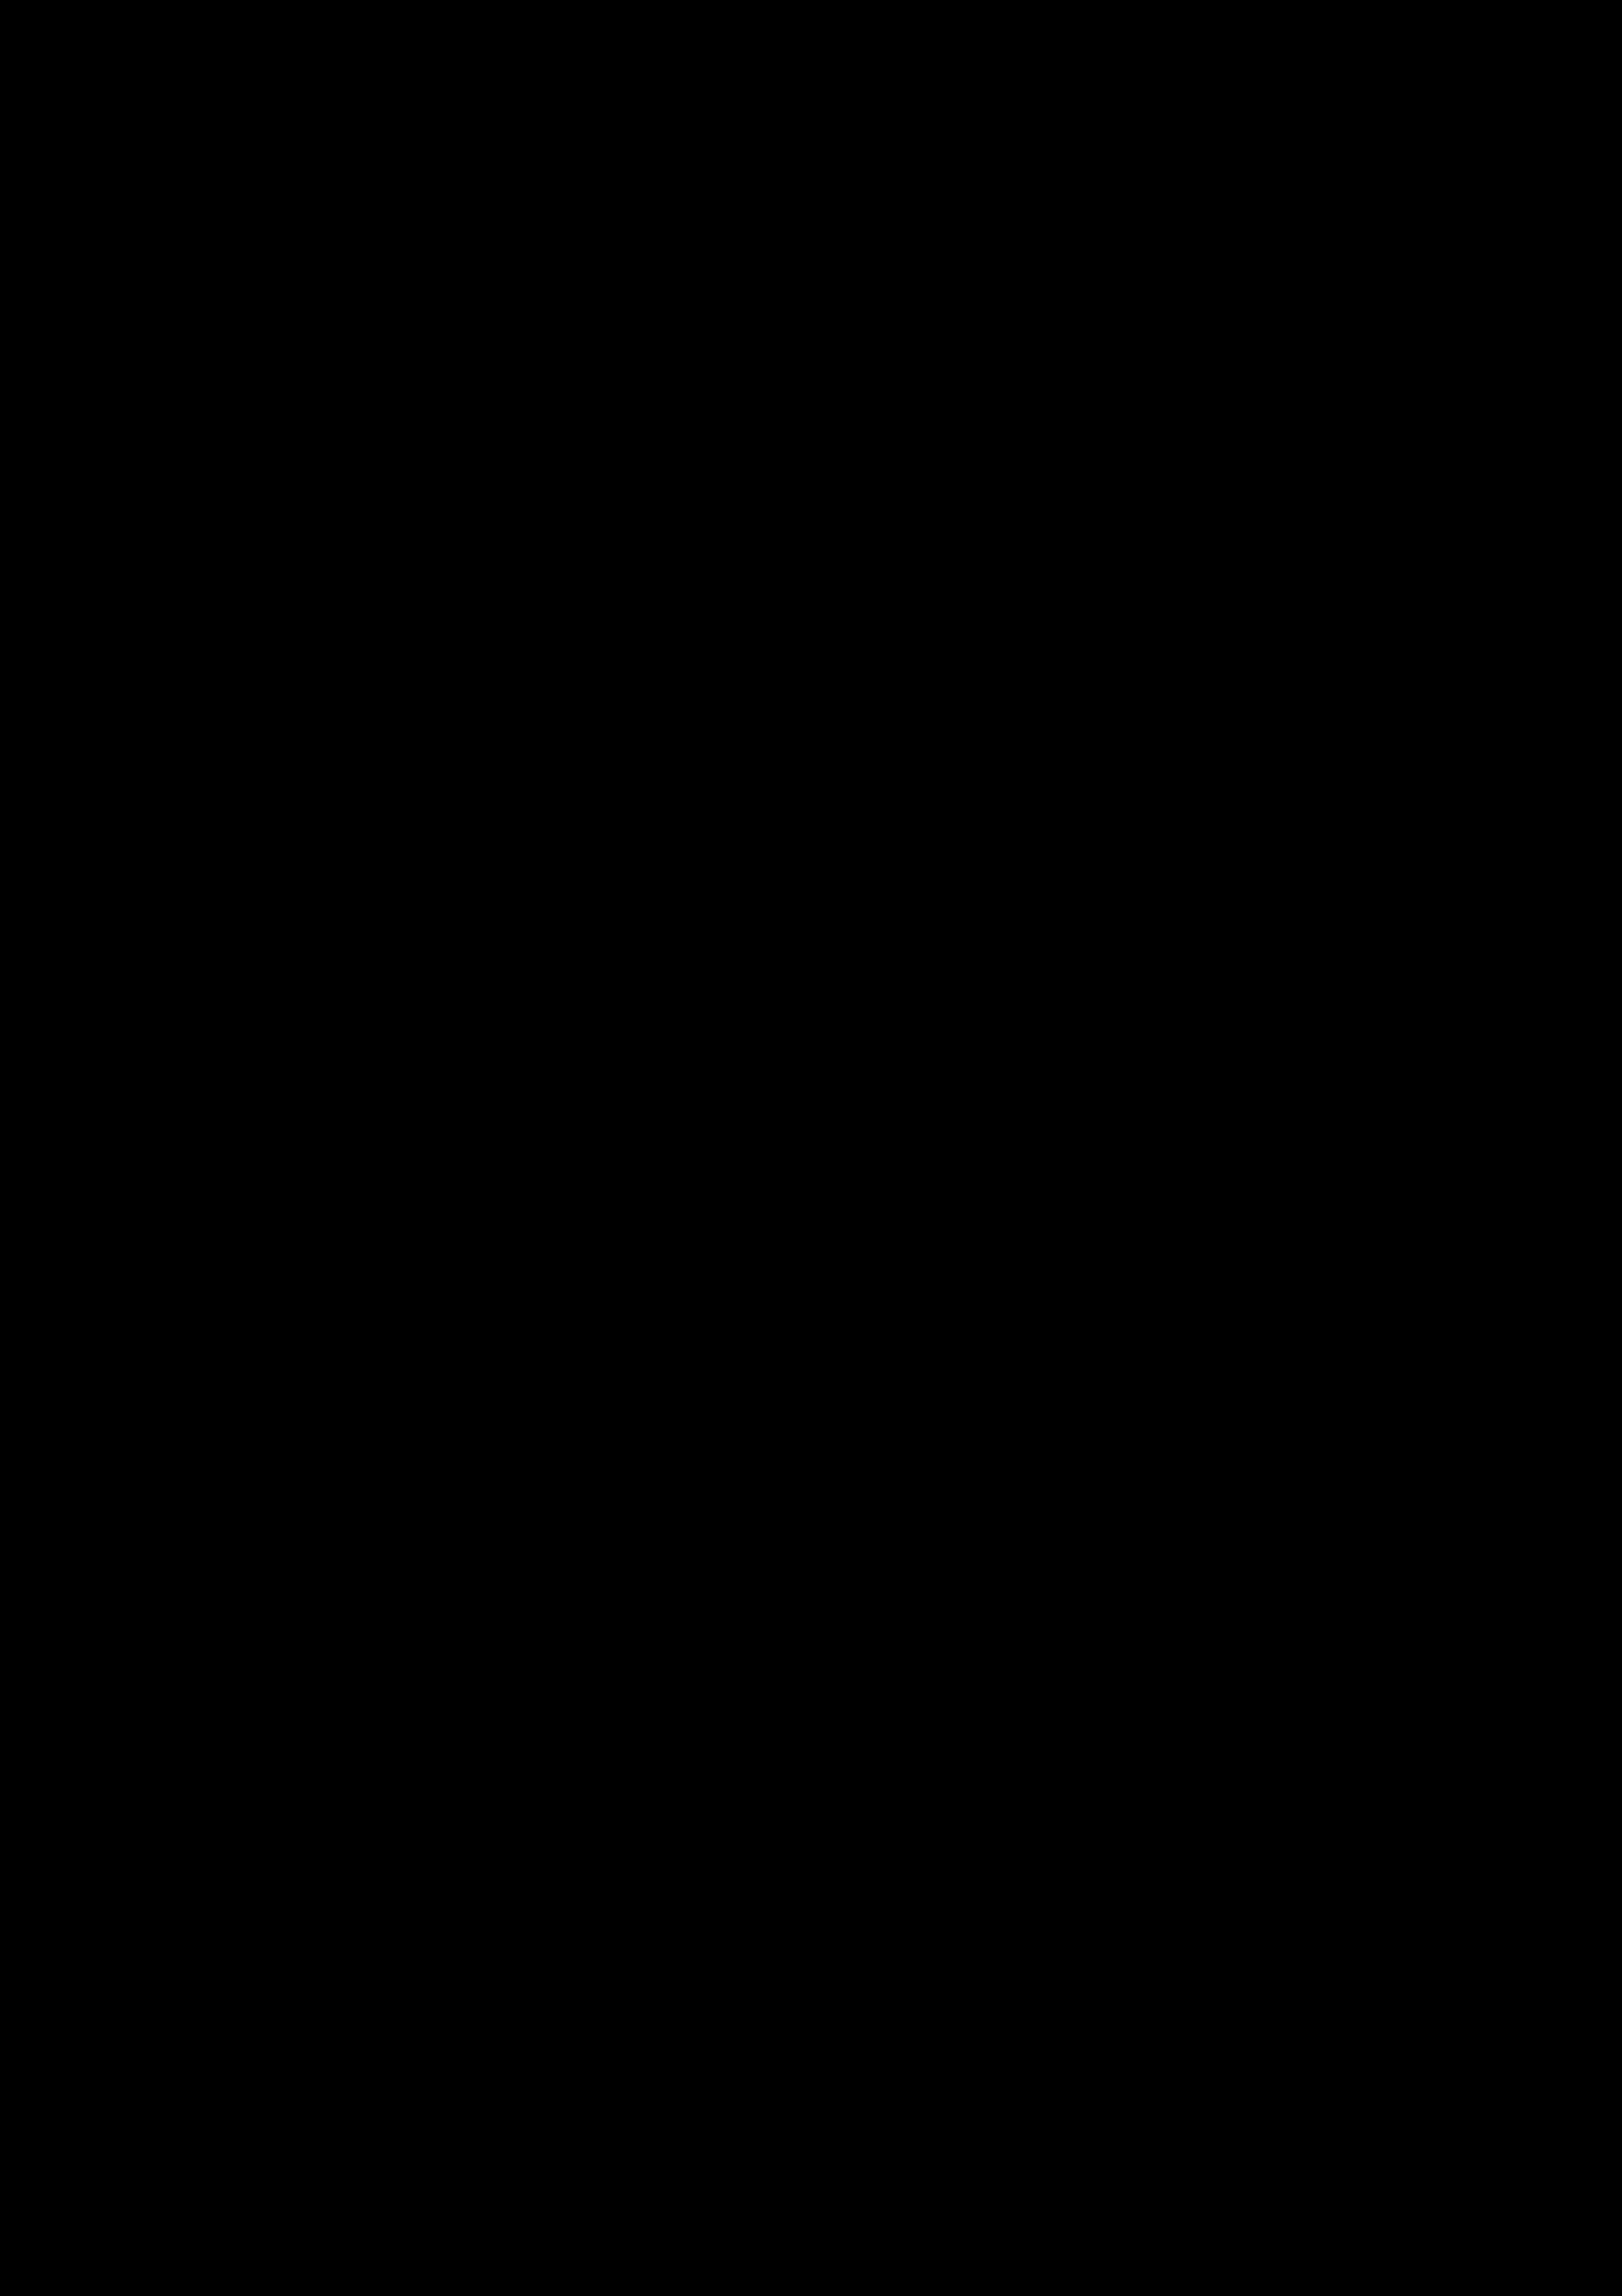 Alphabet dating ideas for e